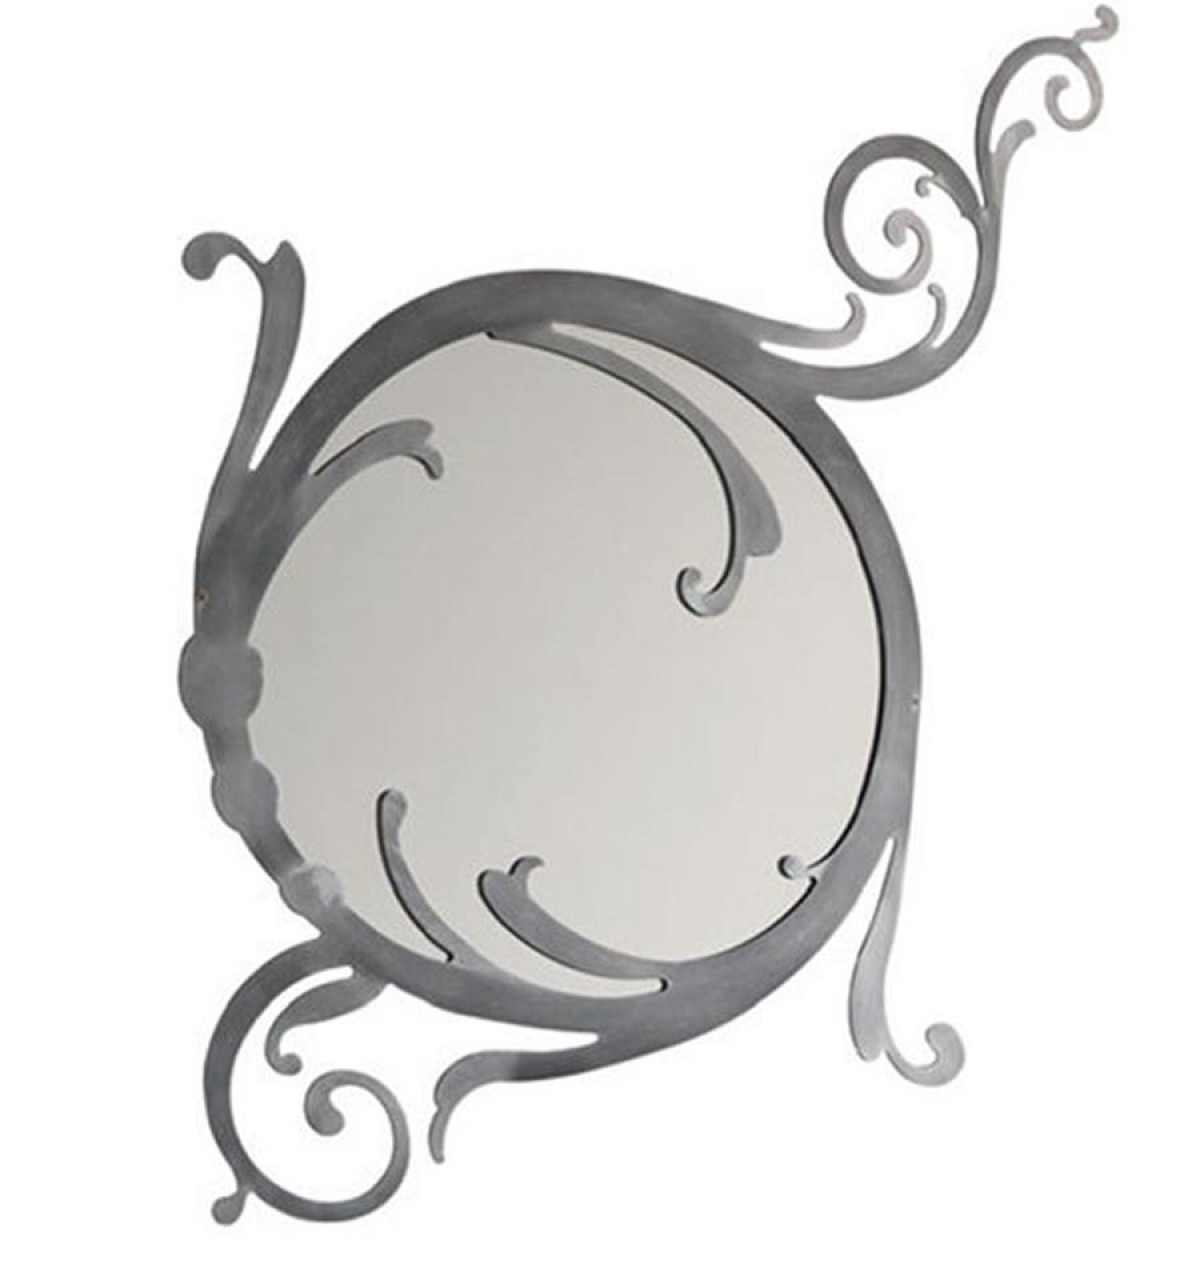 miroir fer forge et fonte finitions aux choix